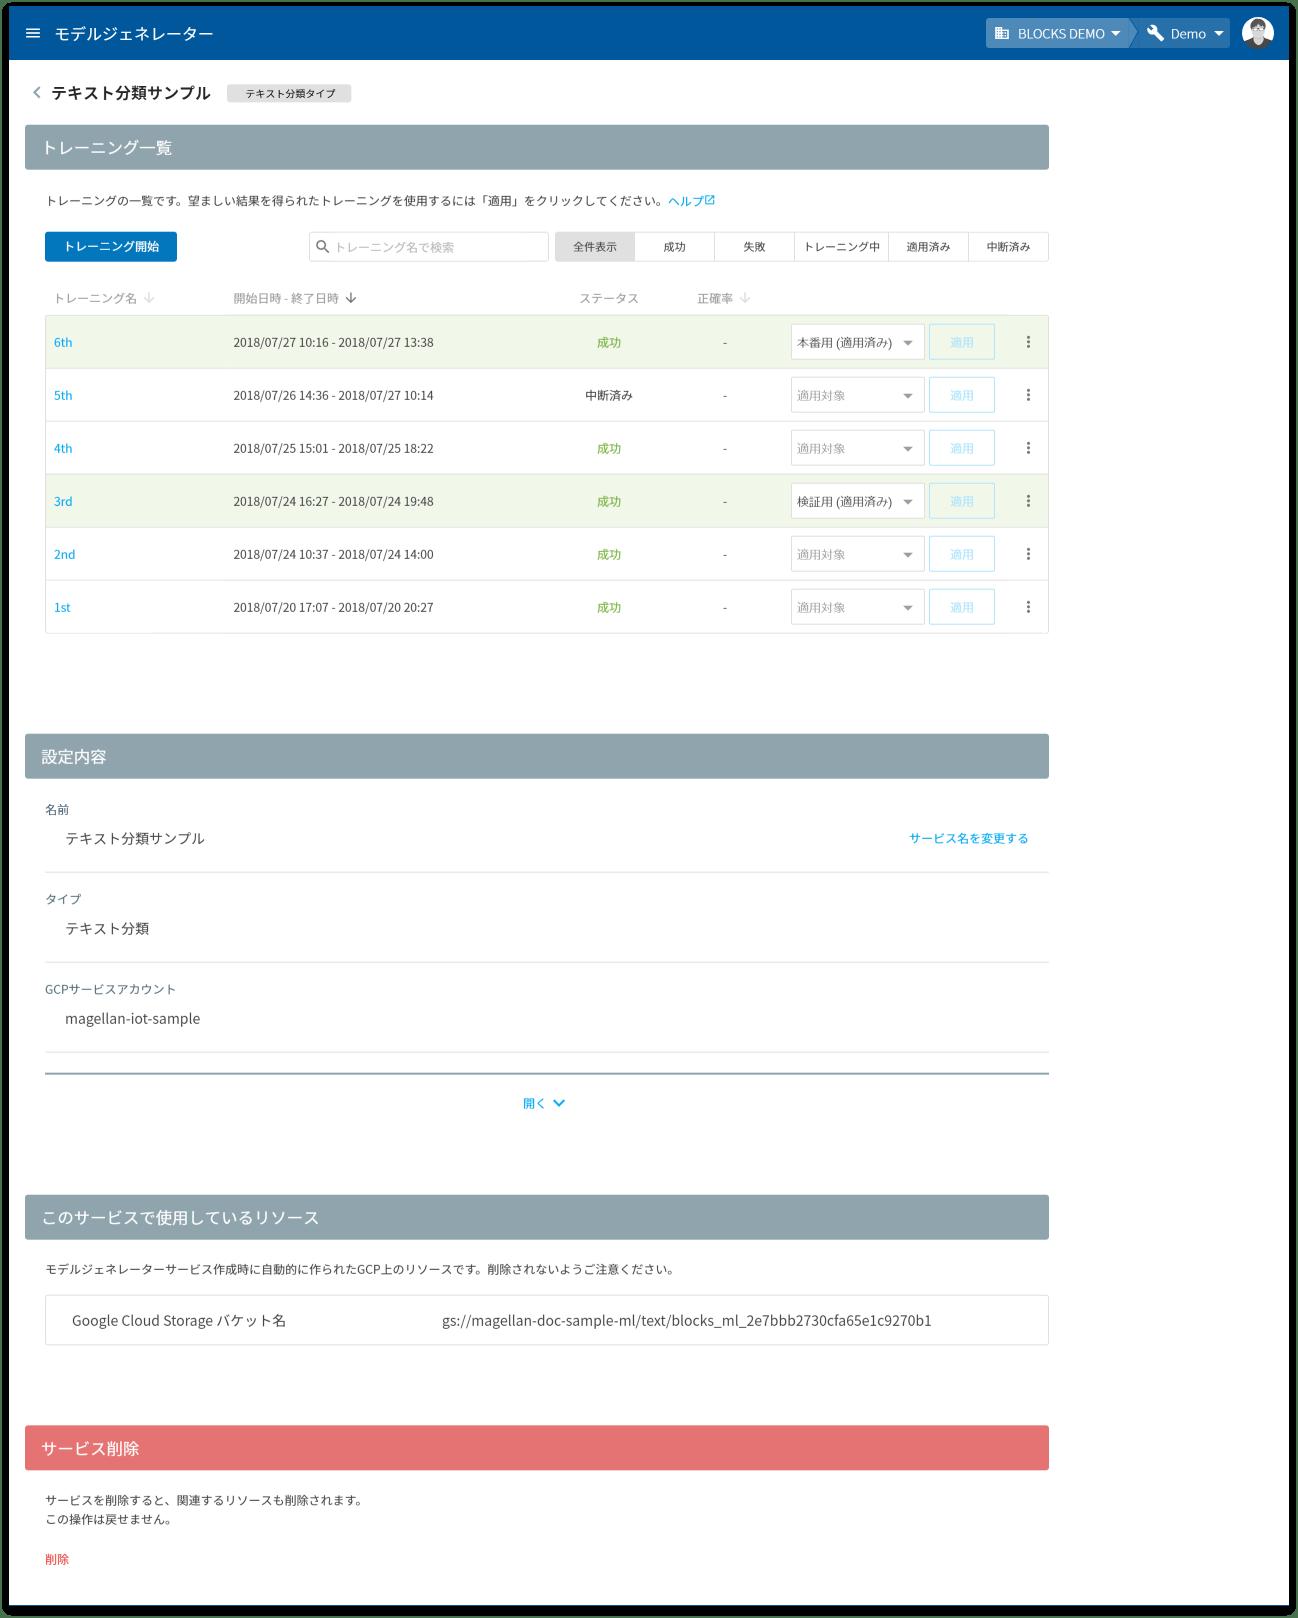 モデルジェネレーター(テキスト分類タイプ)の詳細画面